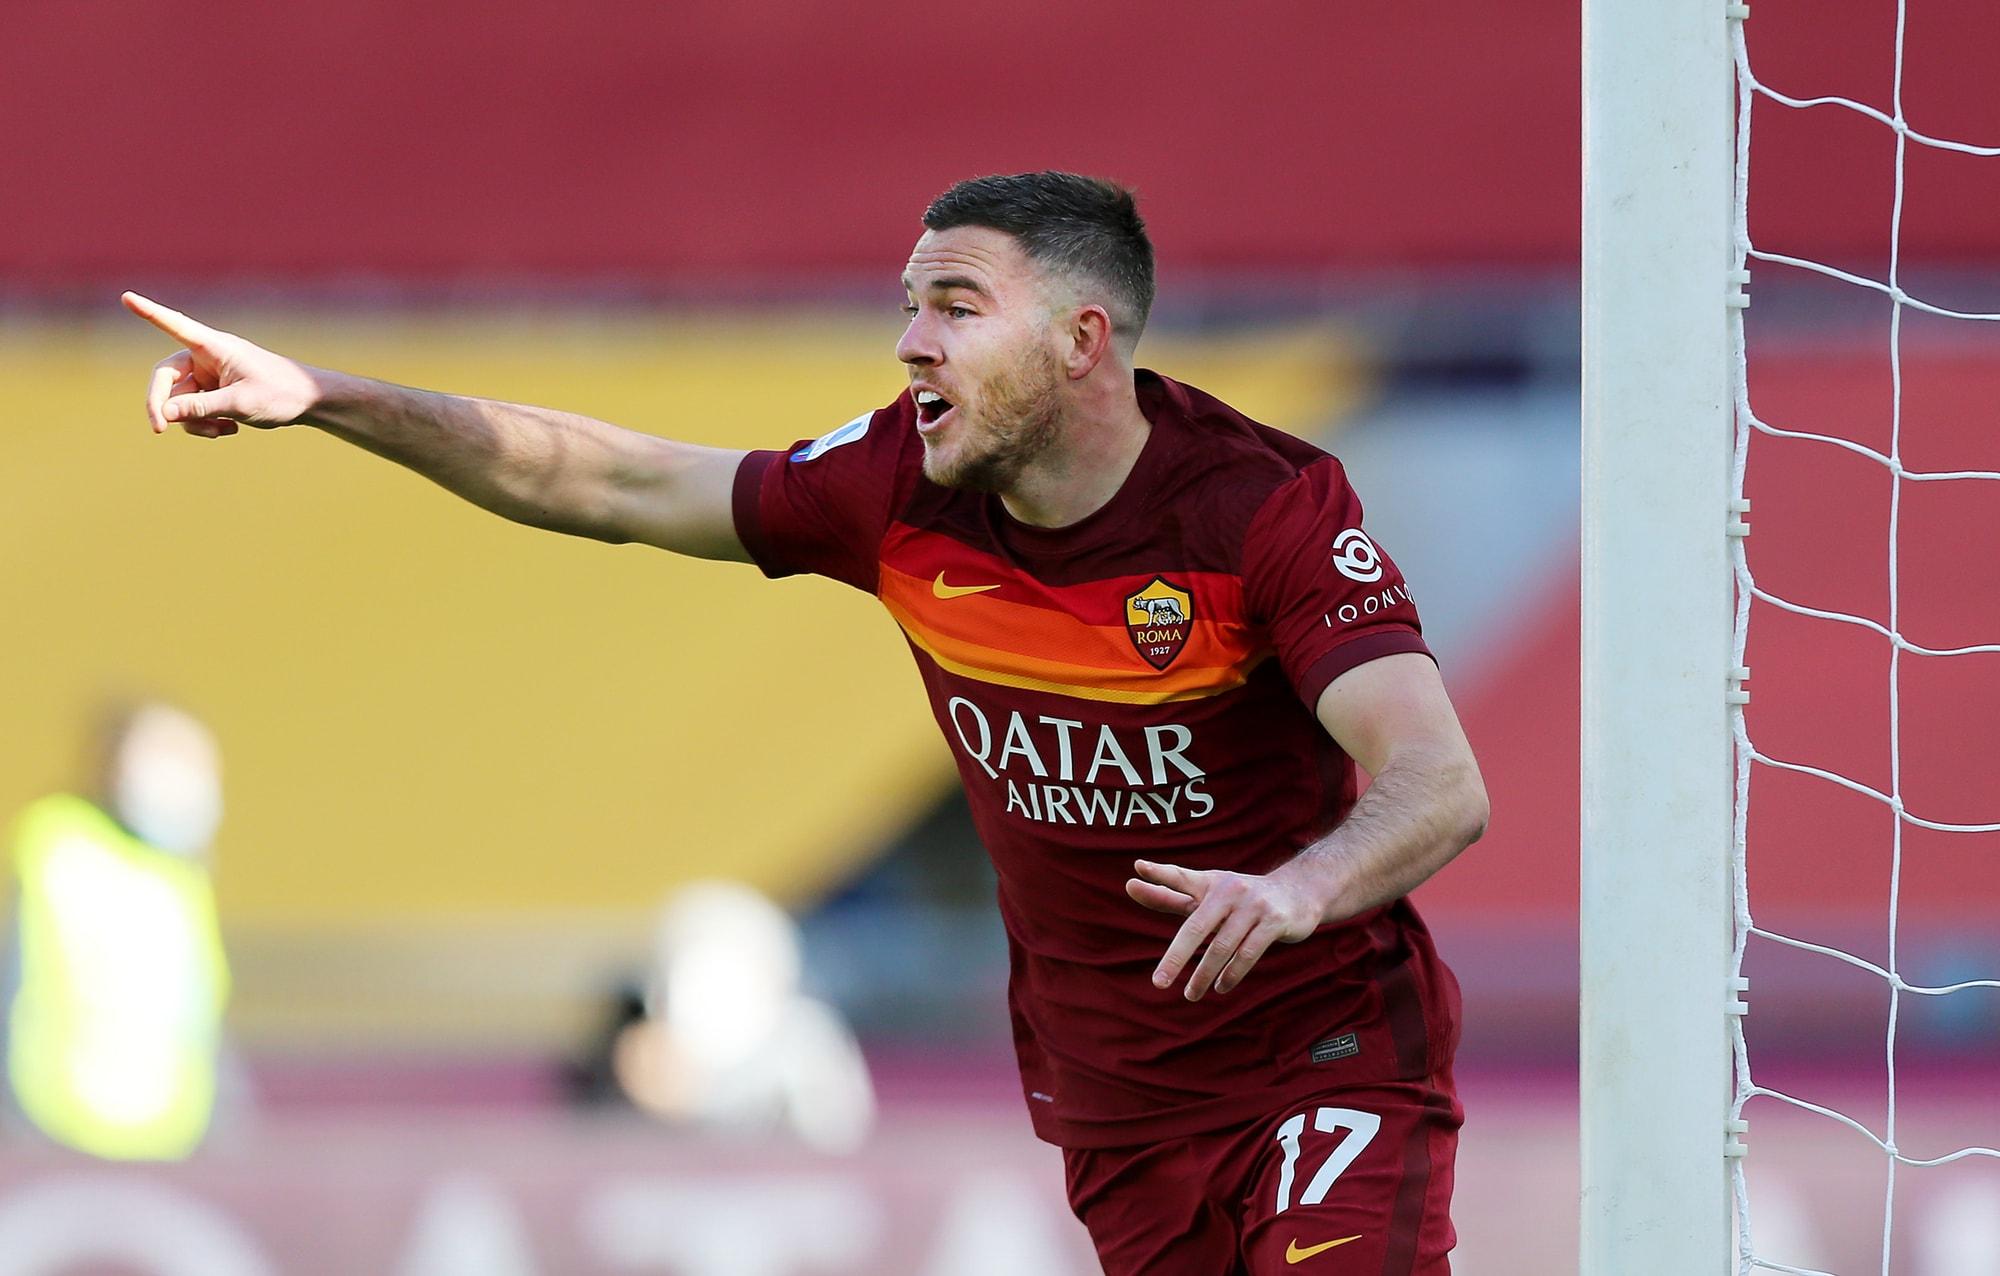 Veretout show e poi Pedro! La Roma batte l'Udinese e sorpassa la Juve